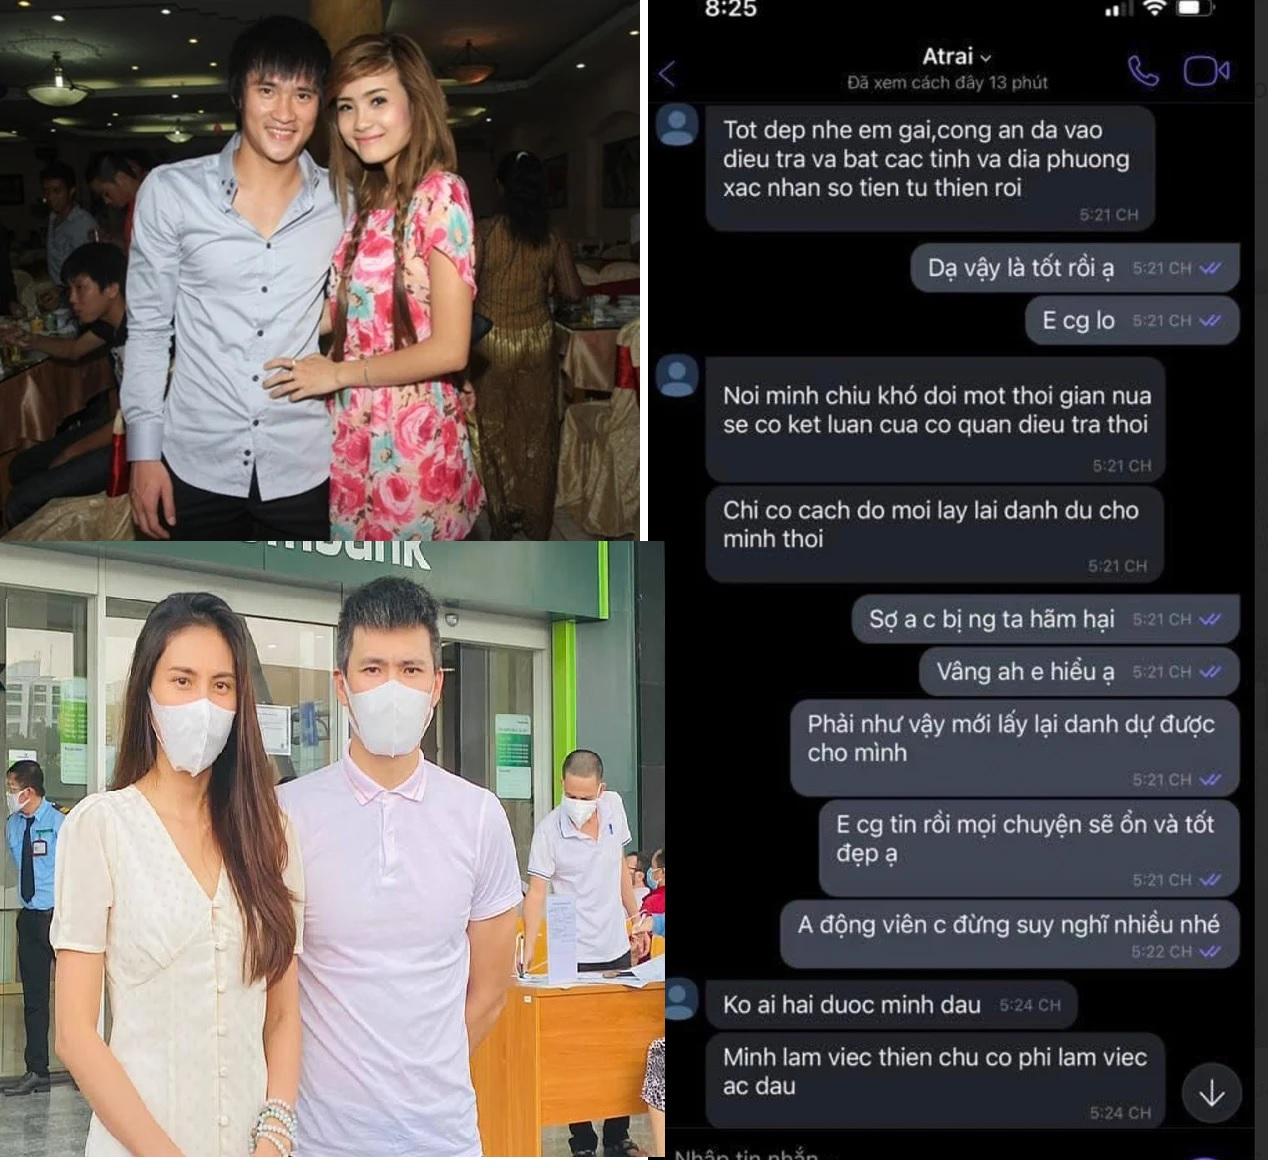 Tin nóng trong ngày 9/10: Luật sư nói về 'giấc mơ sao kê' của bà Phương Hằng; Công Vinh bị lộ bí mật tiền từ thiện qua tin nhắn với em gái 4